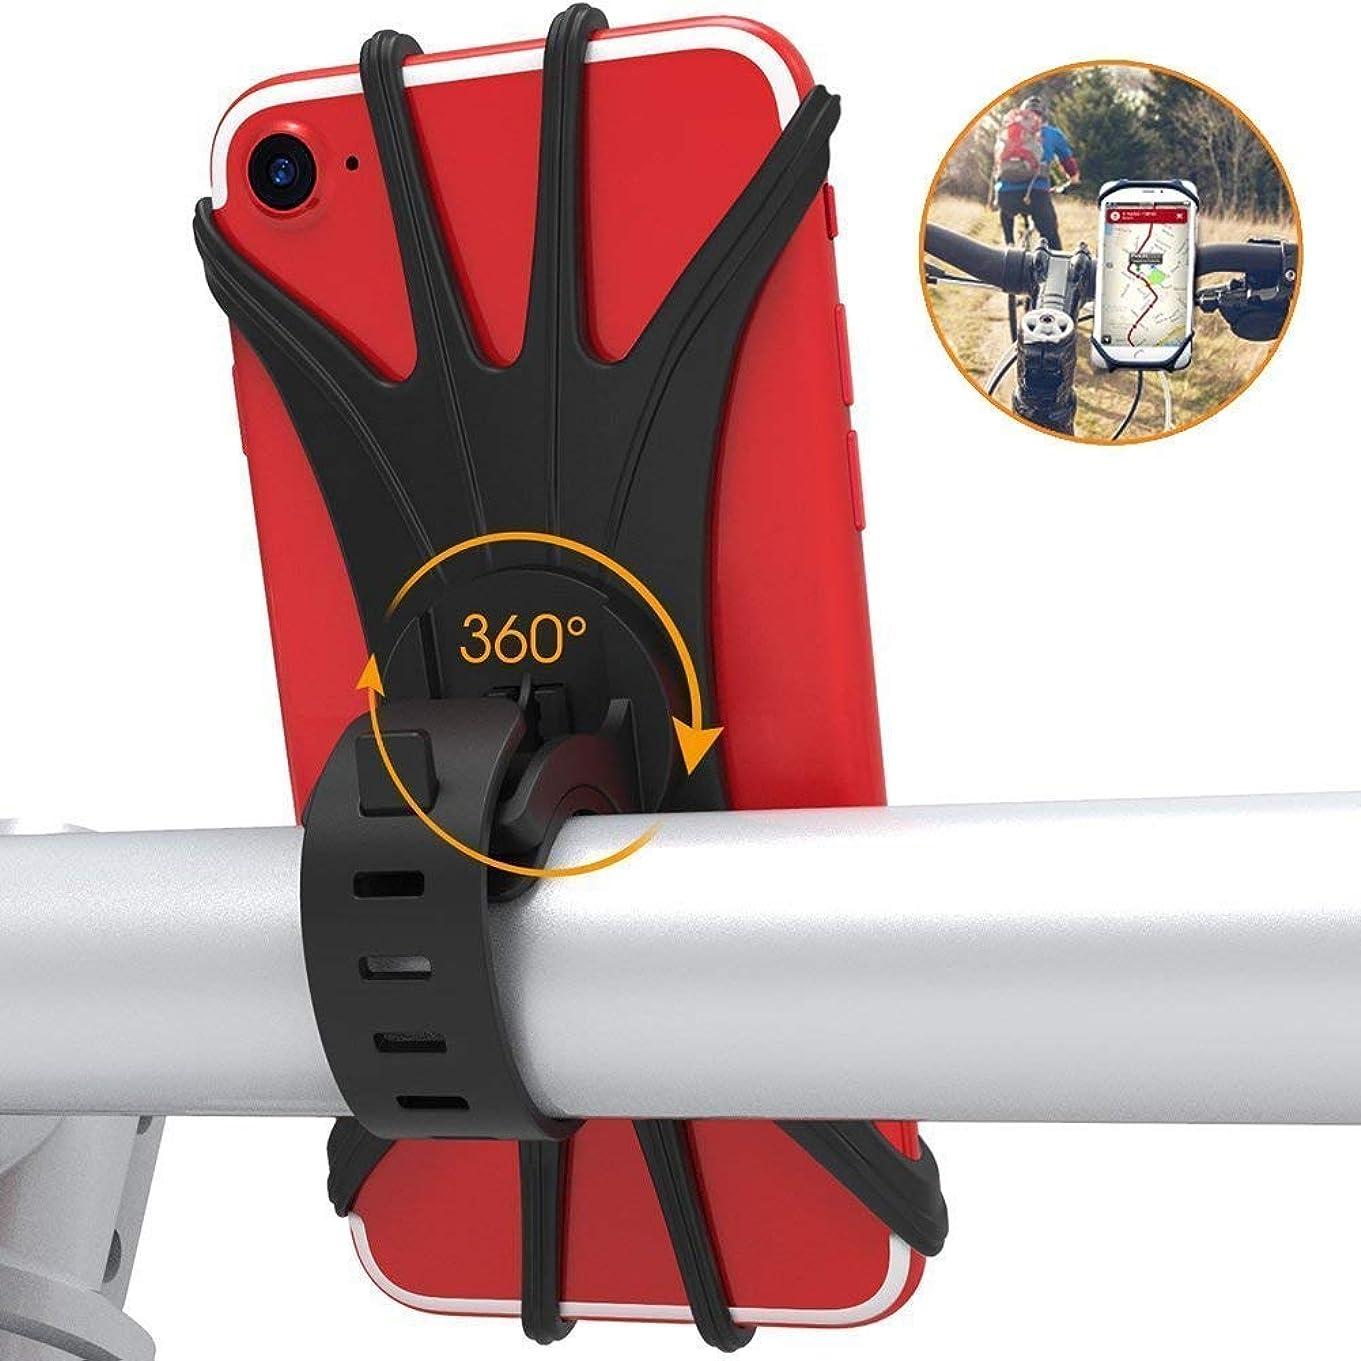 いちゃつく祈る存在する自転車ホルダー スマホホルダー 360度回転 自転車携帯電話ホルダー 4-6インチのスマホに対応 GPSナビ固定